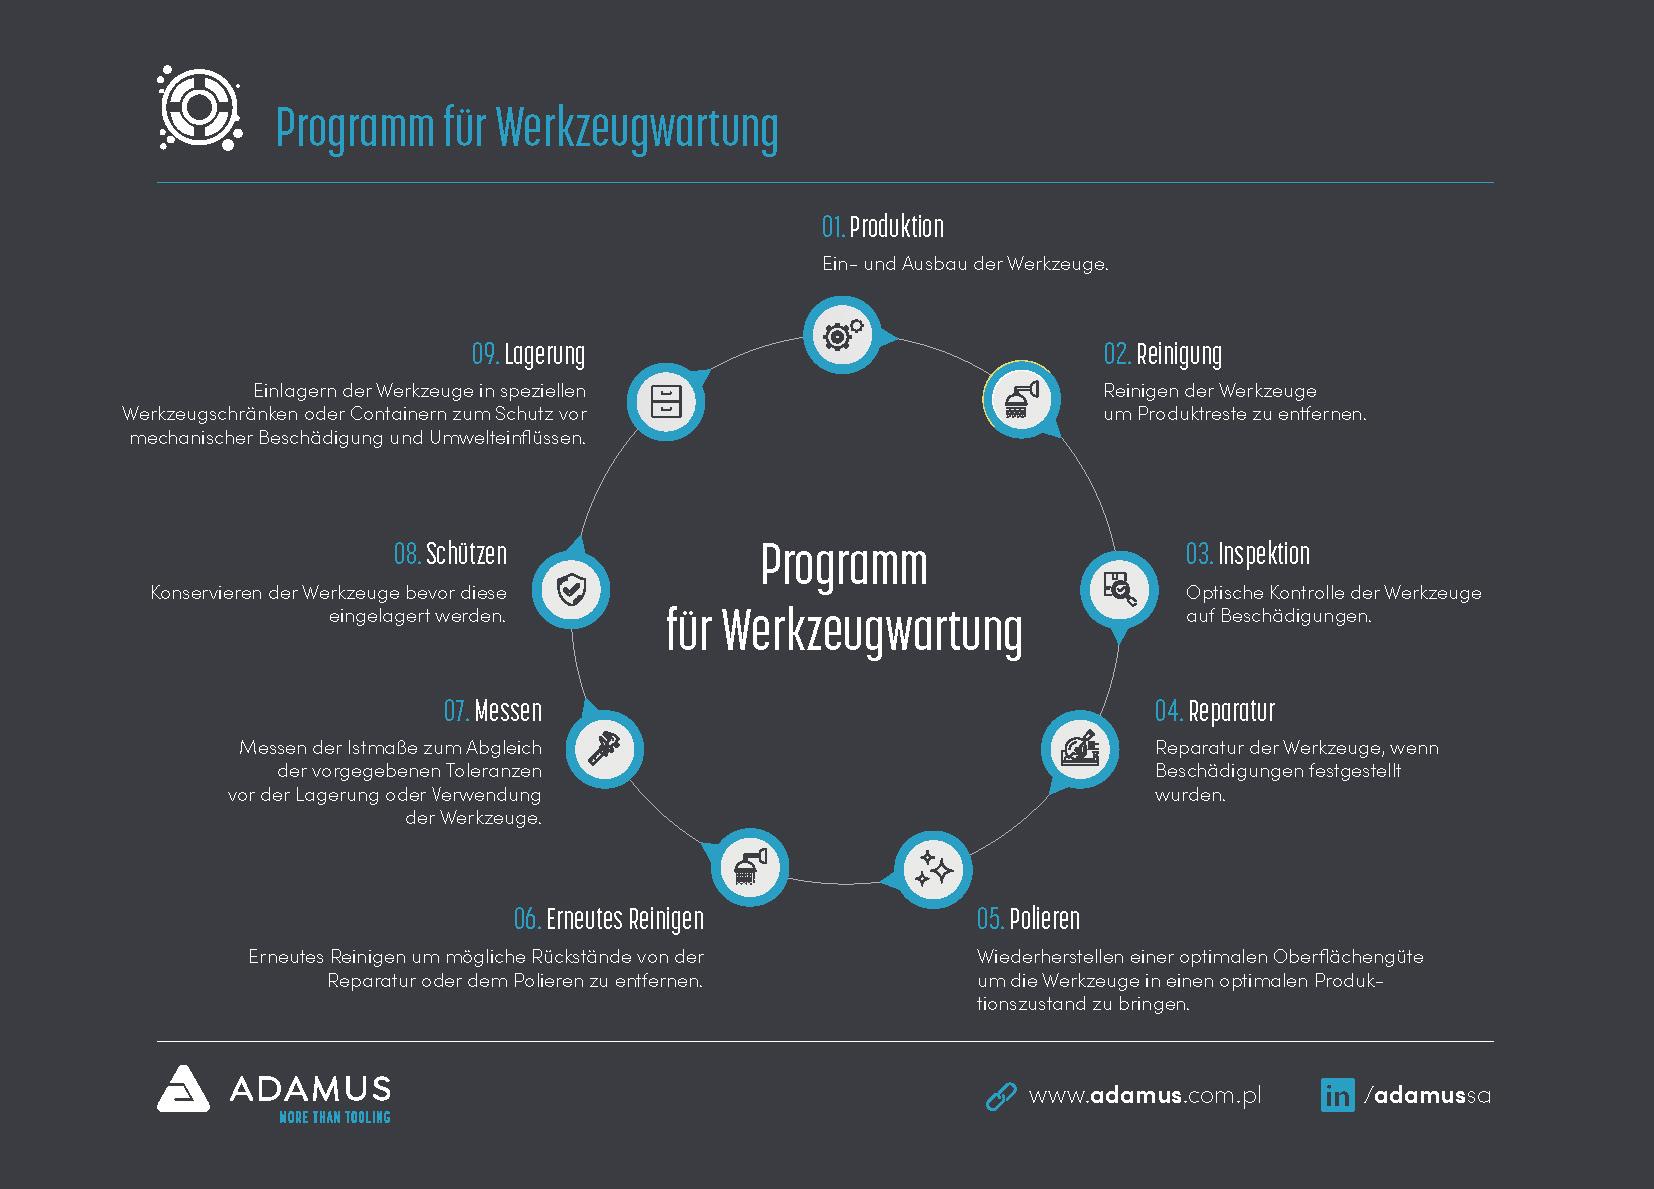 Programm für Werkzeugwartung Adamus